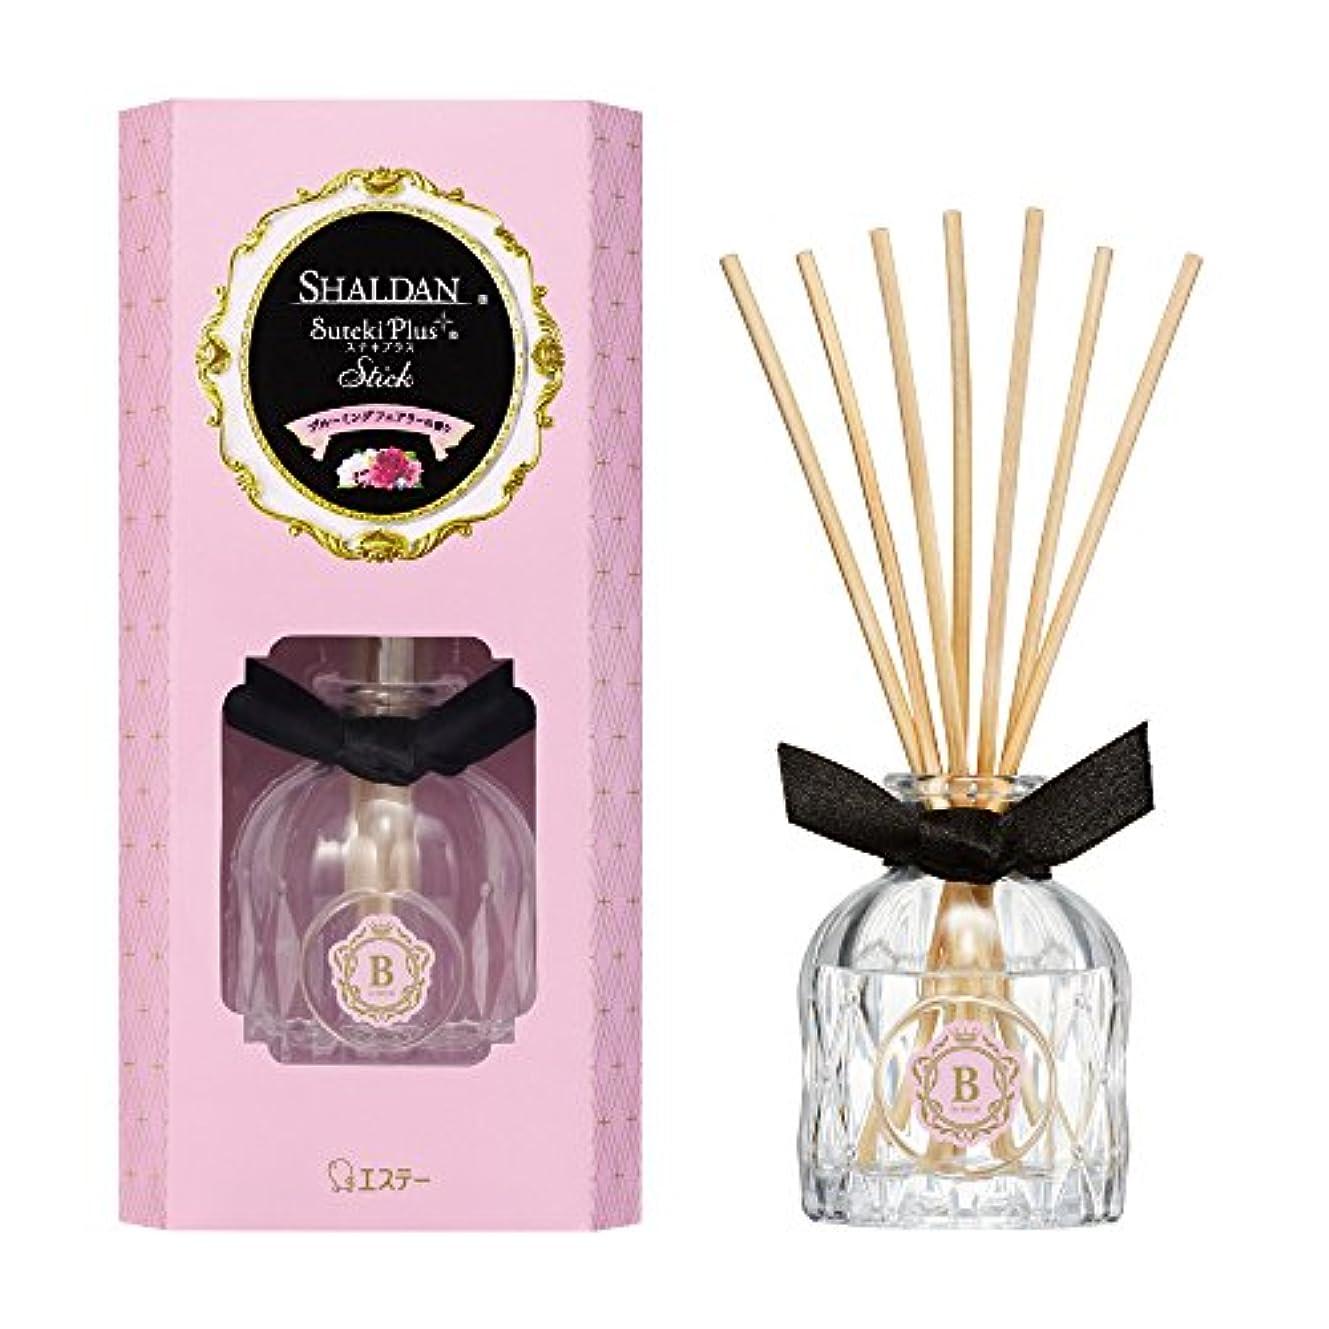 桃徐々につぶすシャルダン SHALDAN ステキプラス スティック 芳香剤 部屋用 ブルーミングフェアリーの香り 45mL